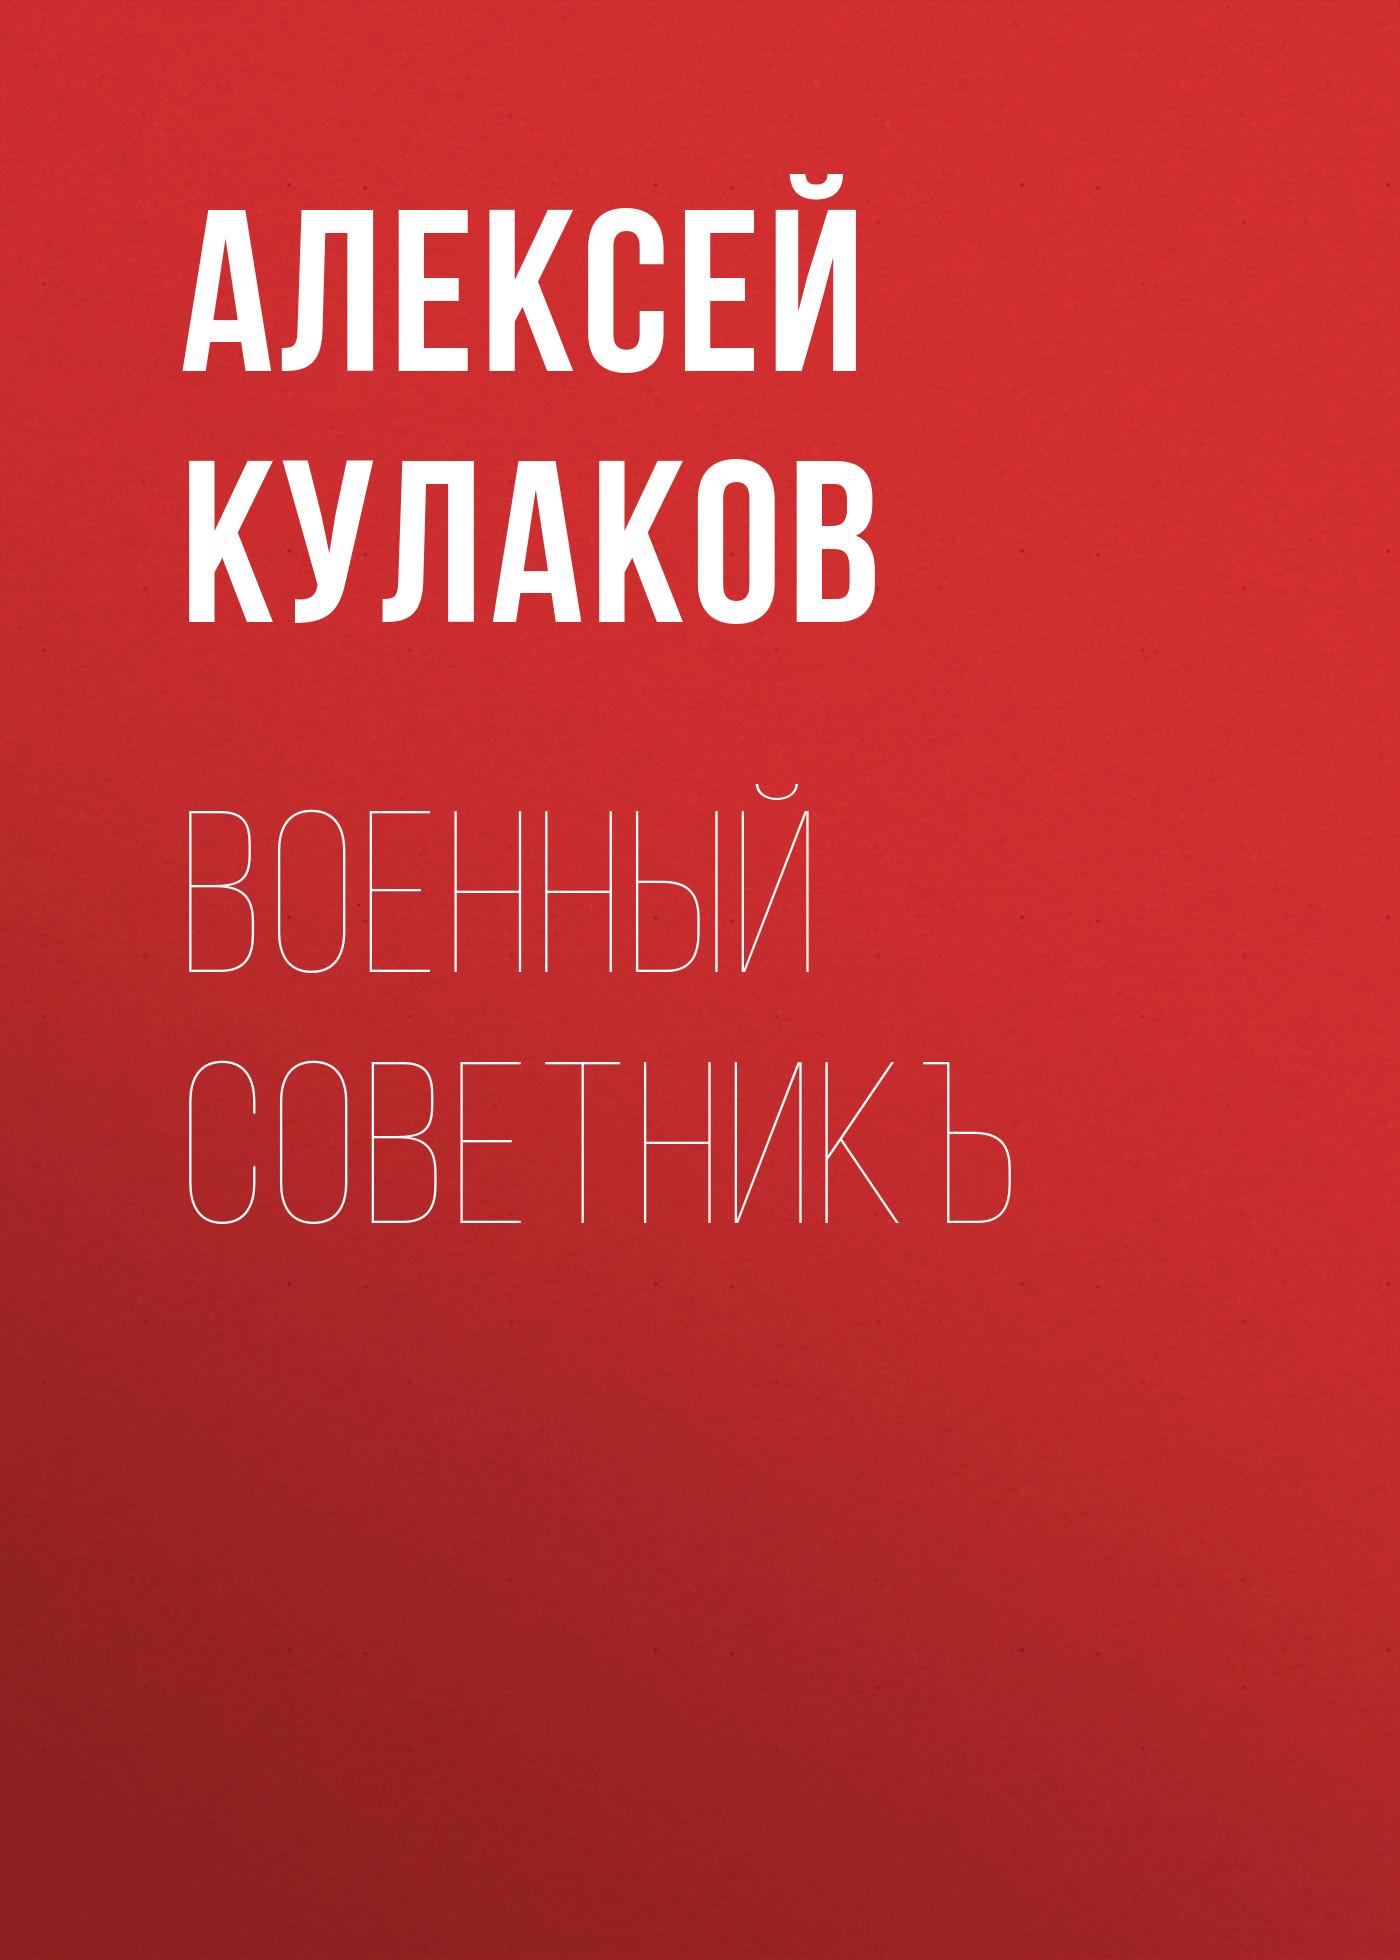 Купить книгу Военный советникъ, автора Алексея Кулакова